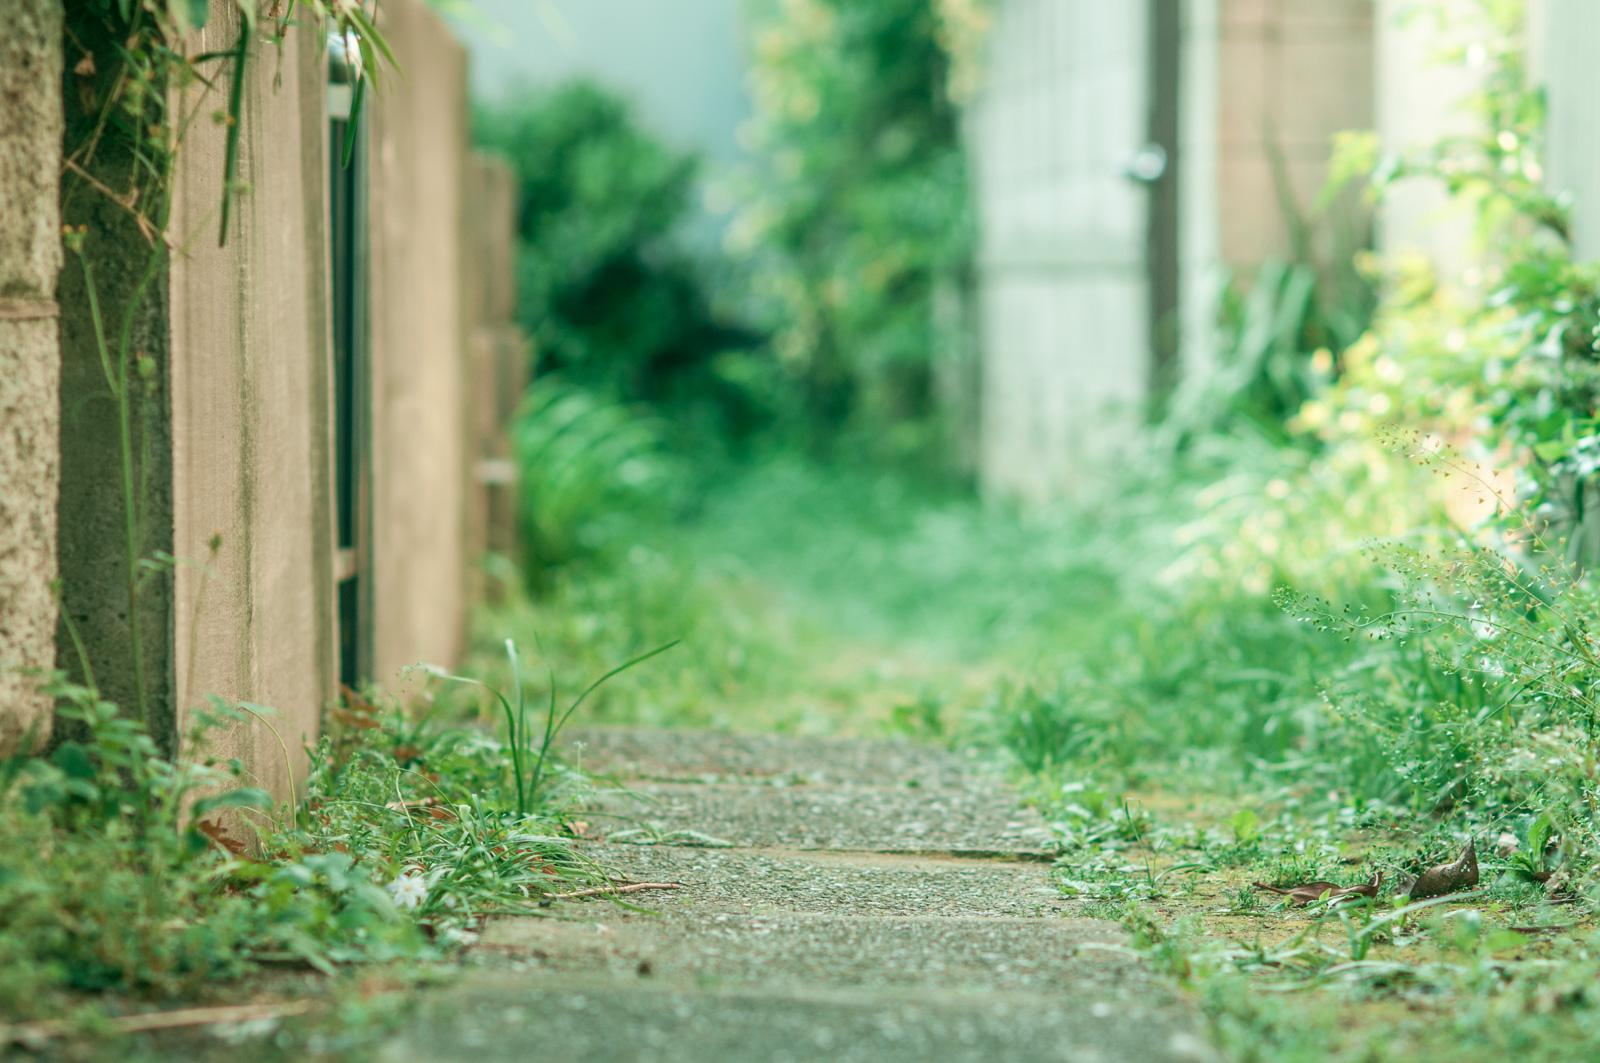 お散歩カメラ。見て感じてシャッターを切る、という当たり前のことを少しやってみてます